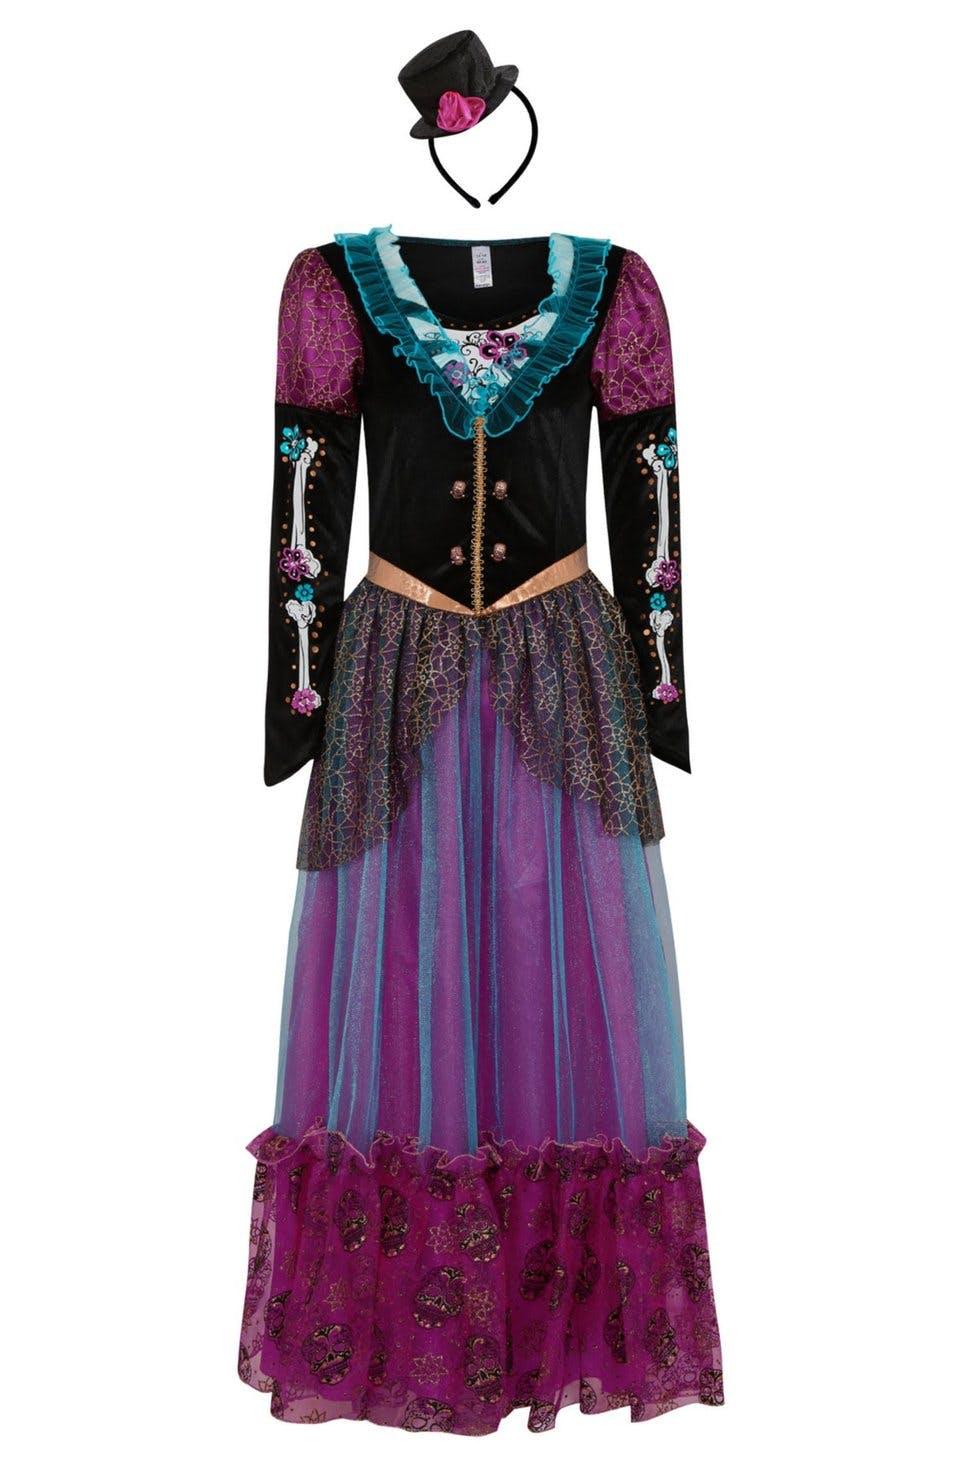 Cheap fancy dress ideas for Halloween | Disney Villain ...